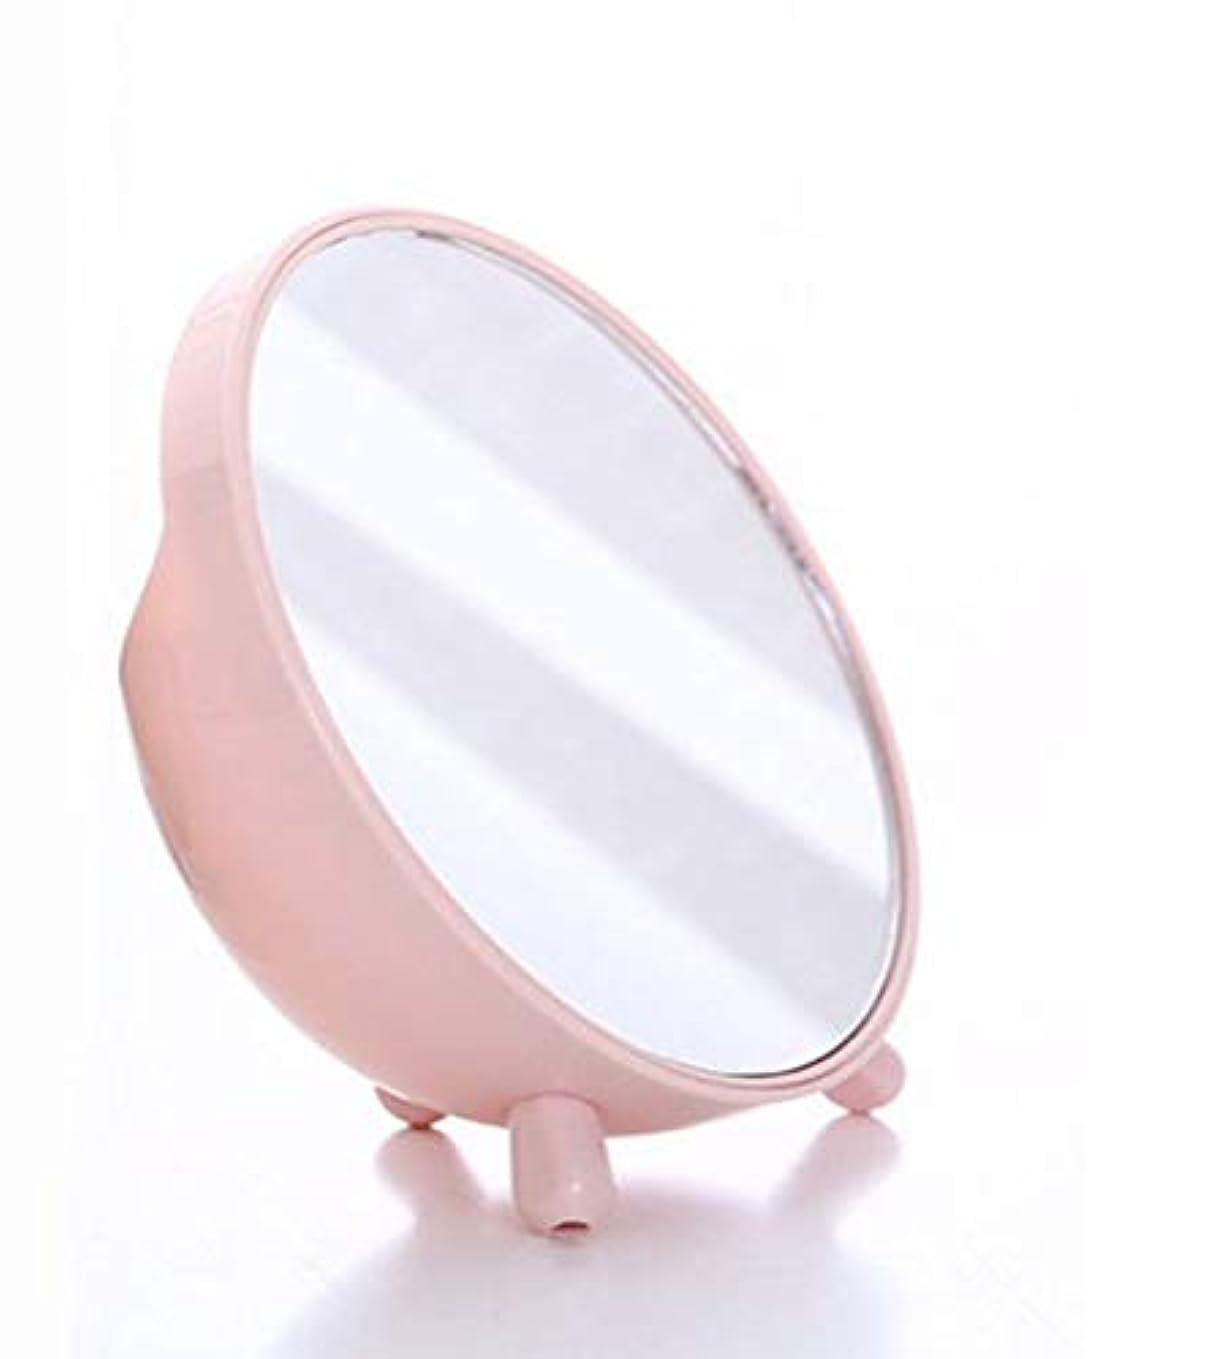 ストレスの多い学部長芝生化粧鏡、収納ボックス化粧ギフトとピンクのシンプルなラウンドテーブル化粧鏡